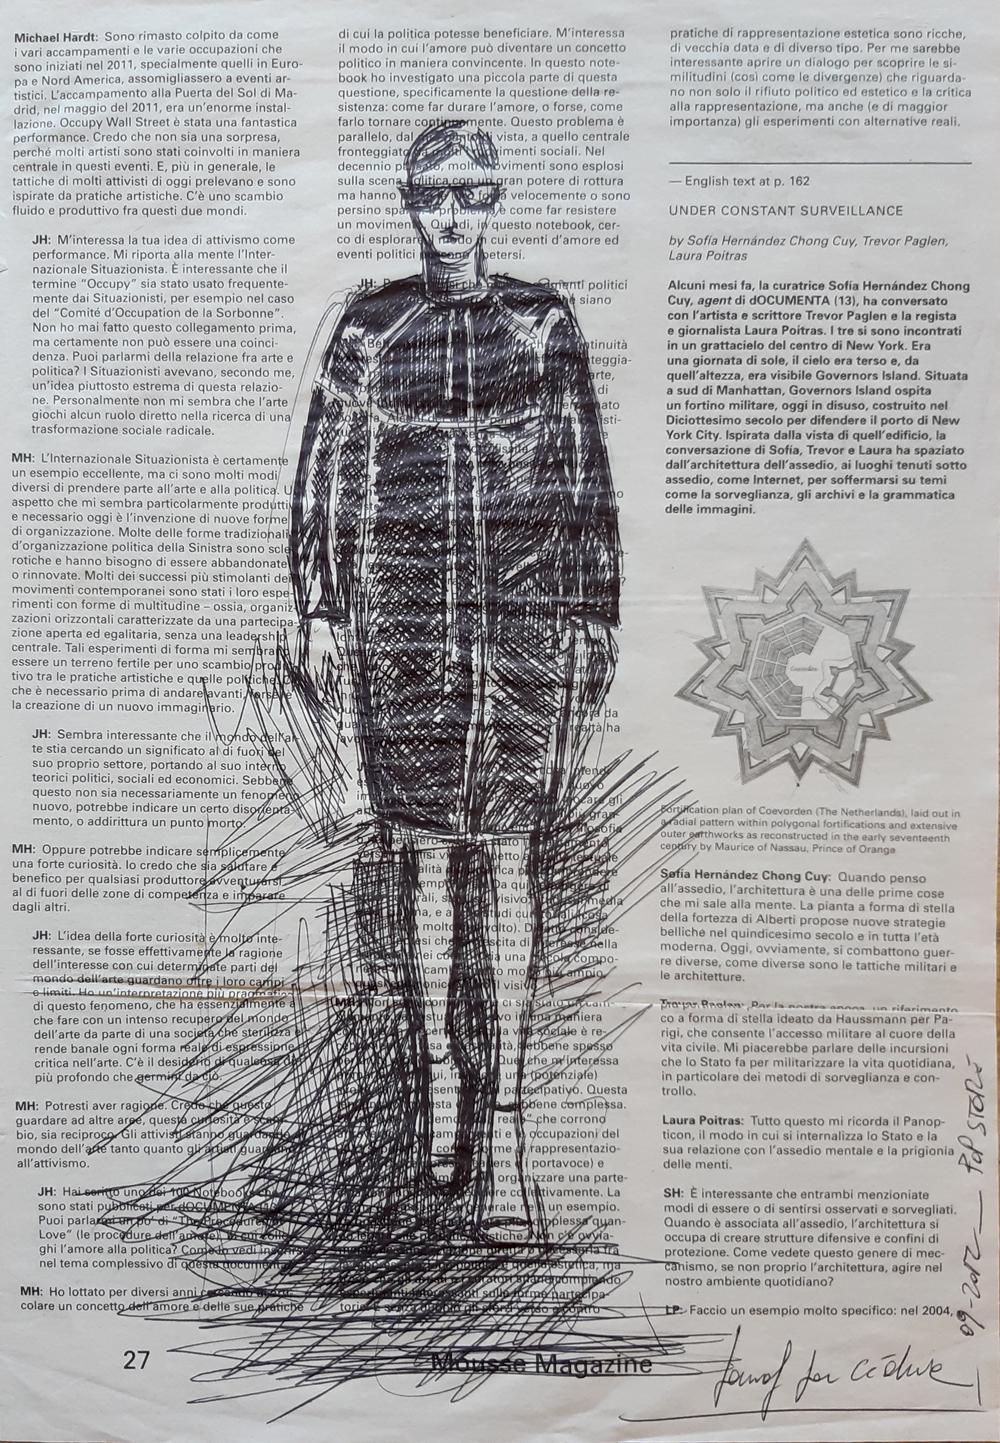 illustrazioni-fashion-per-cedric-2012-a